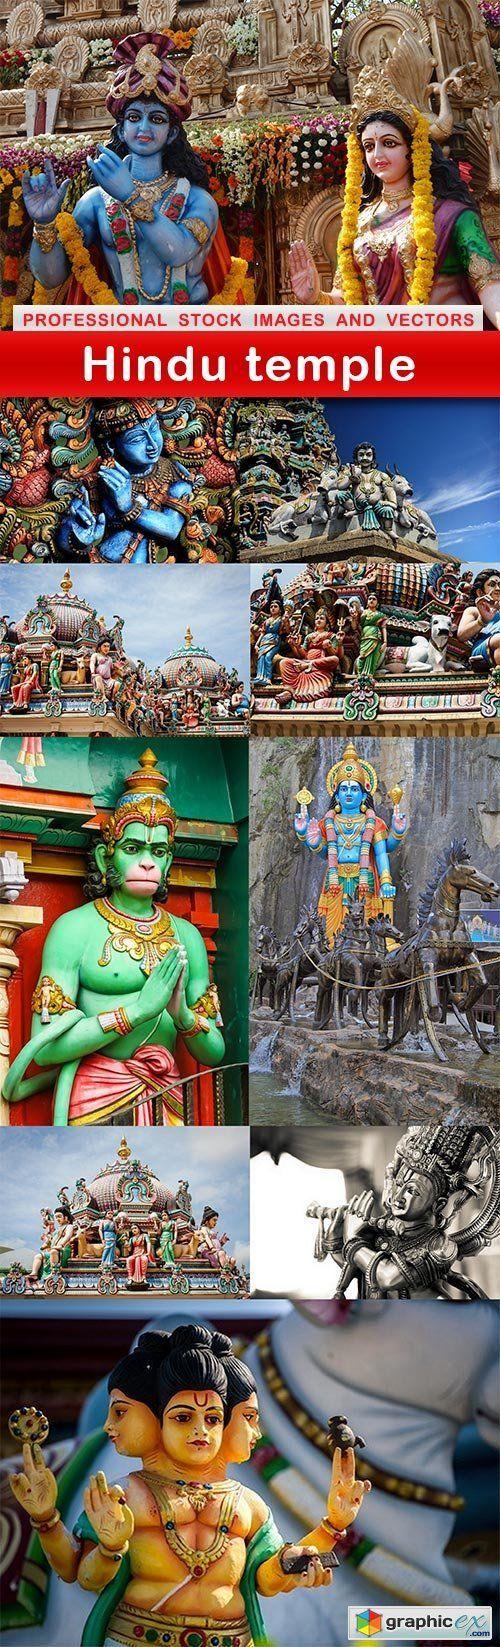 Hindu temple - 10 UHQ JPEG